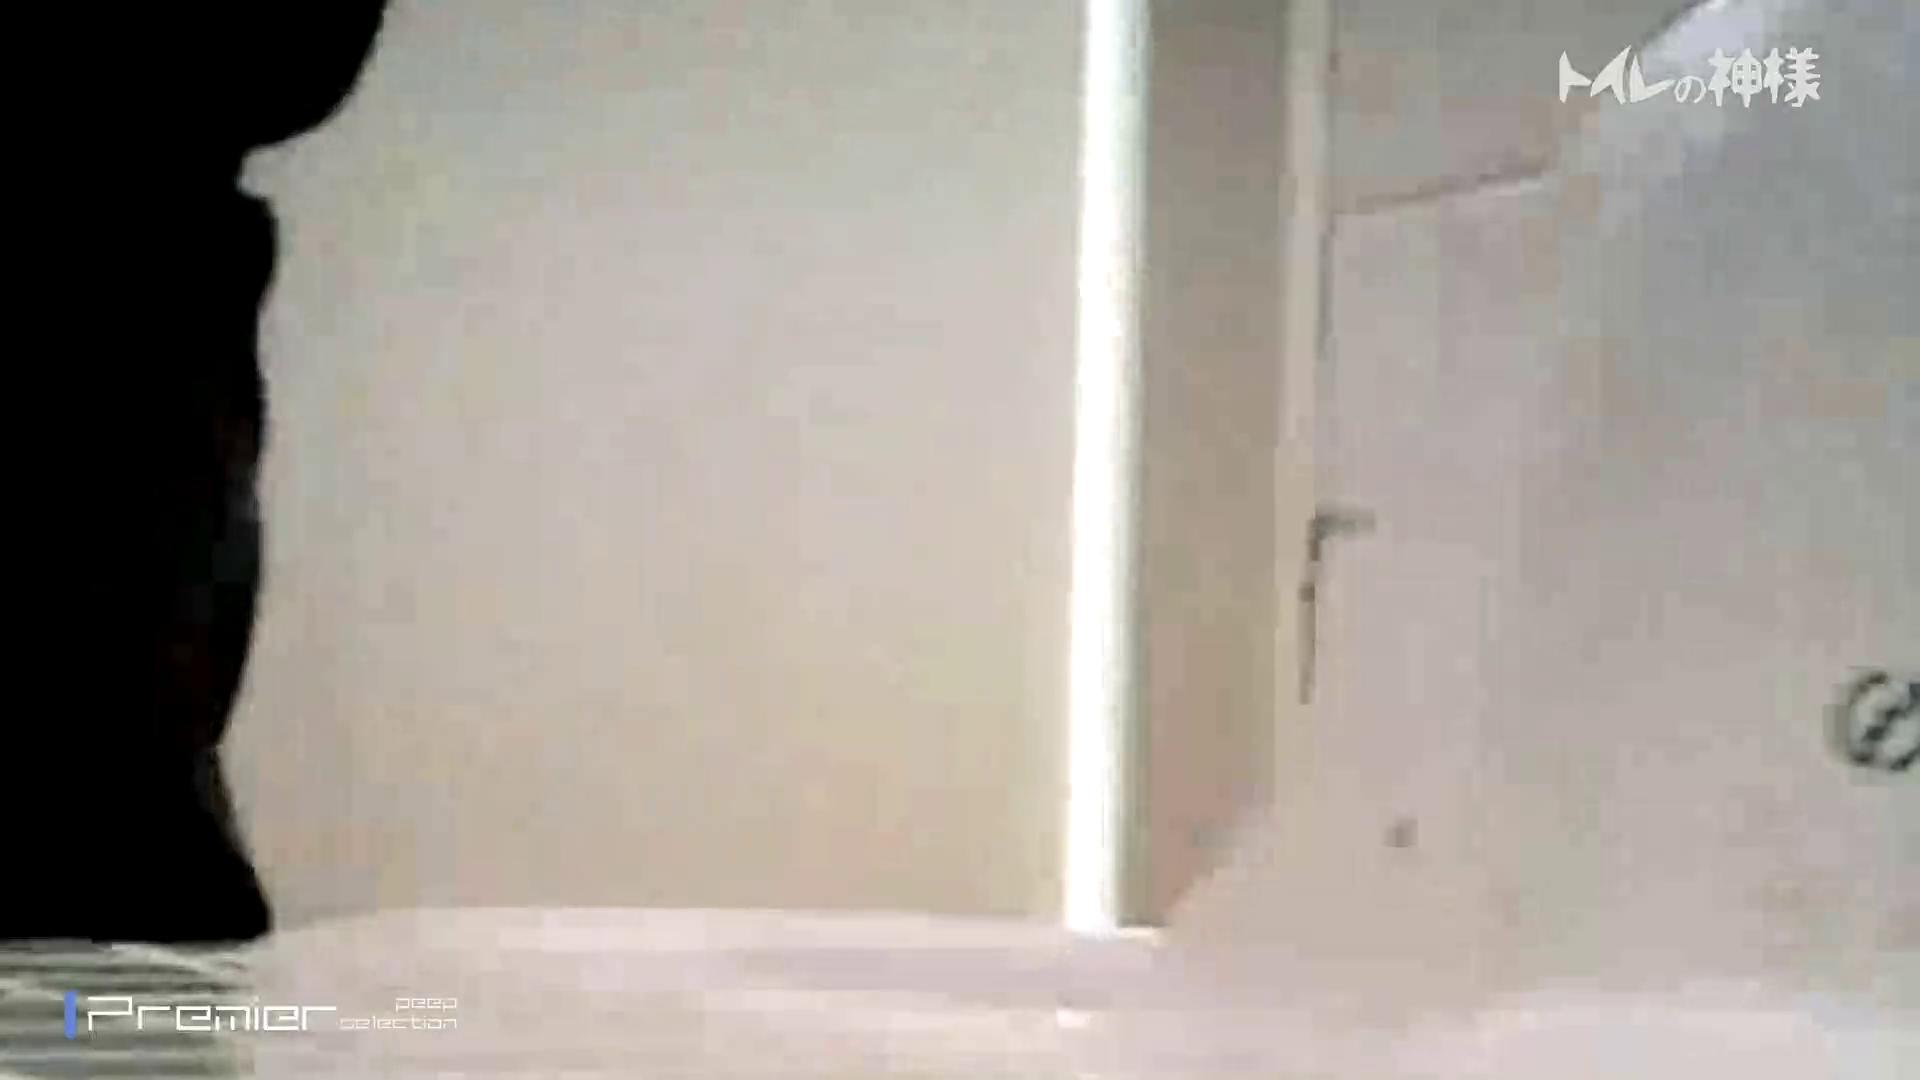 kyouko排泄 うんこをたくさん集めました。トイレの神様 Vol.14 OL   リアルすぎる排泄  83連発 73